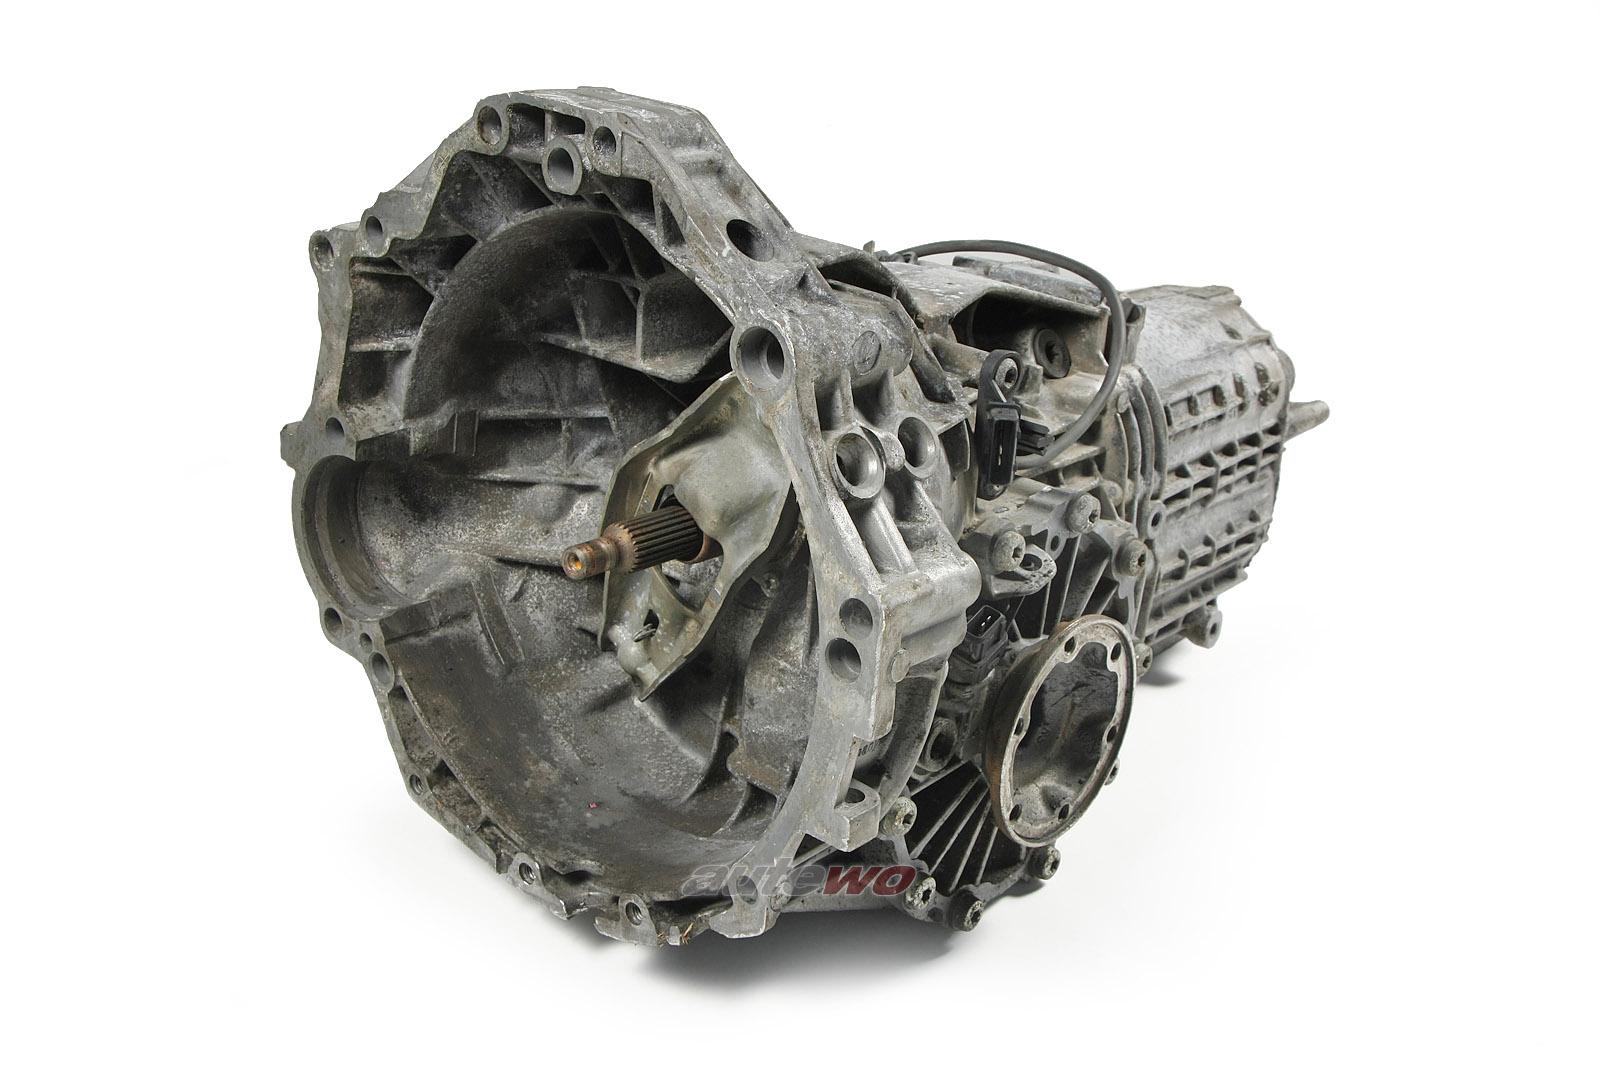 012300049HX Audi/VW A4 B5/A6 4B/Passat 1.8l Schaltgetriebe 5-Gang DDU 06087